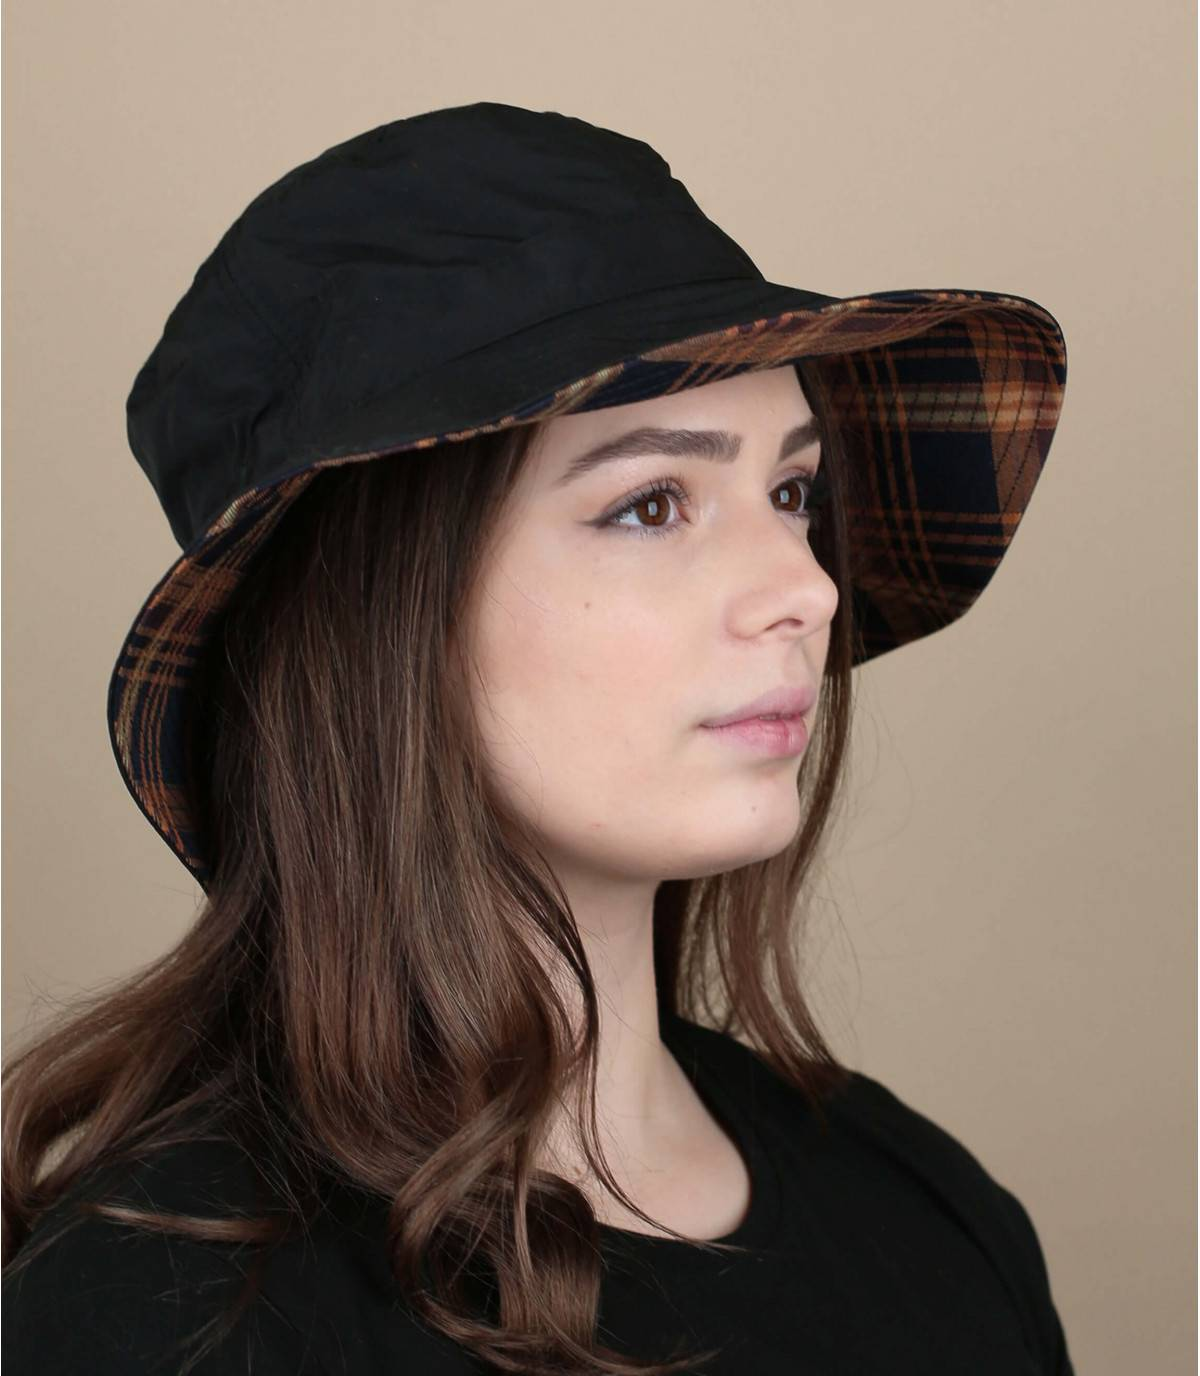 Con la sua tesa larga e il materiale idrorepellente, questo cappello da pescatore nero regolabile ti permette di goderti i giorni di pioggia sfoggiando uno stile molto trendy.